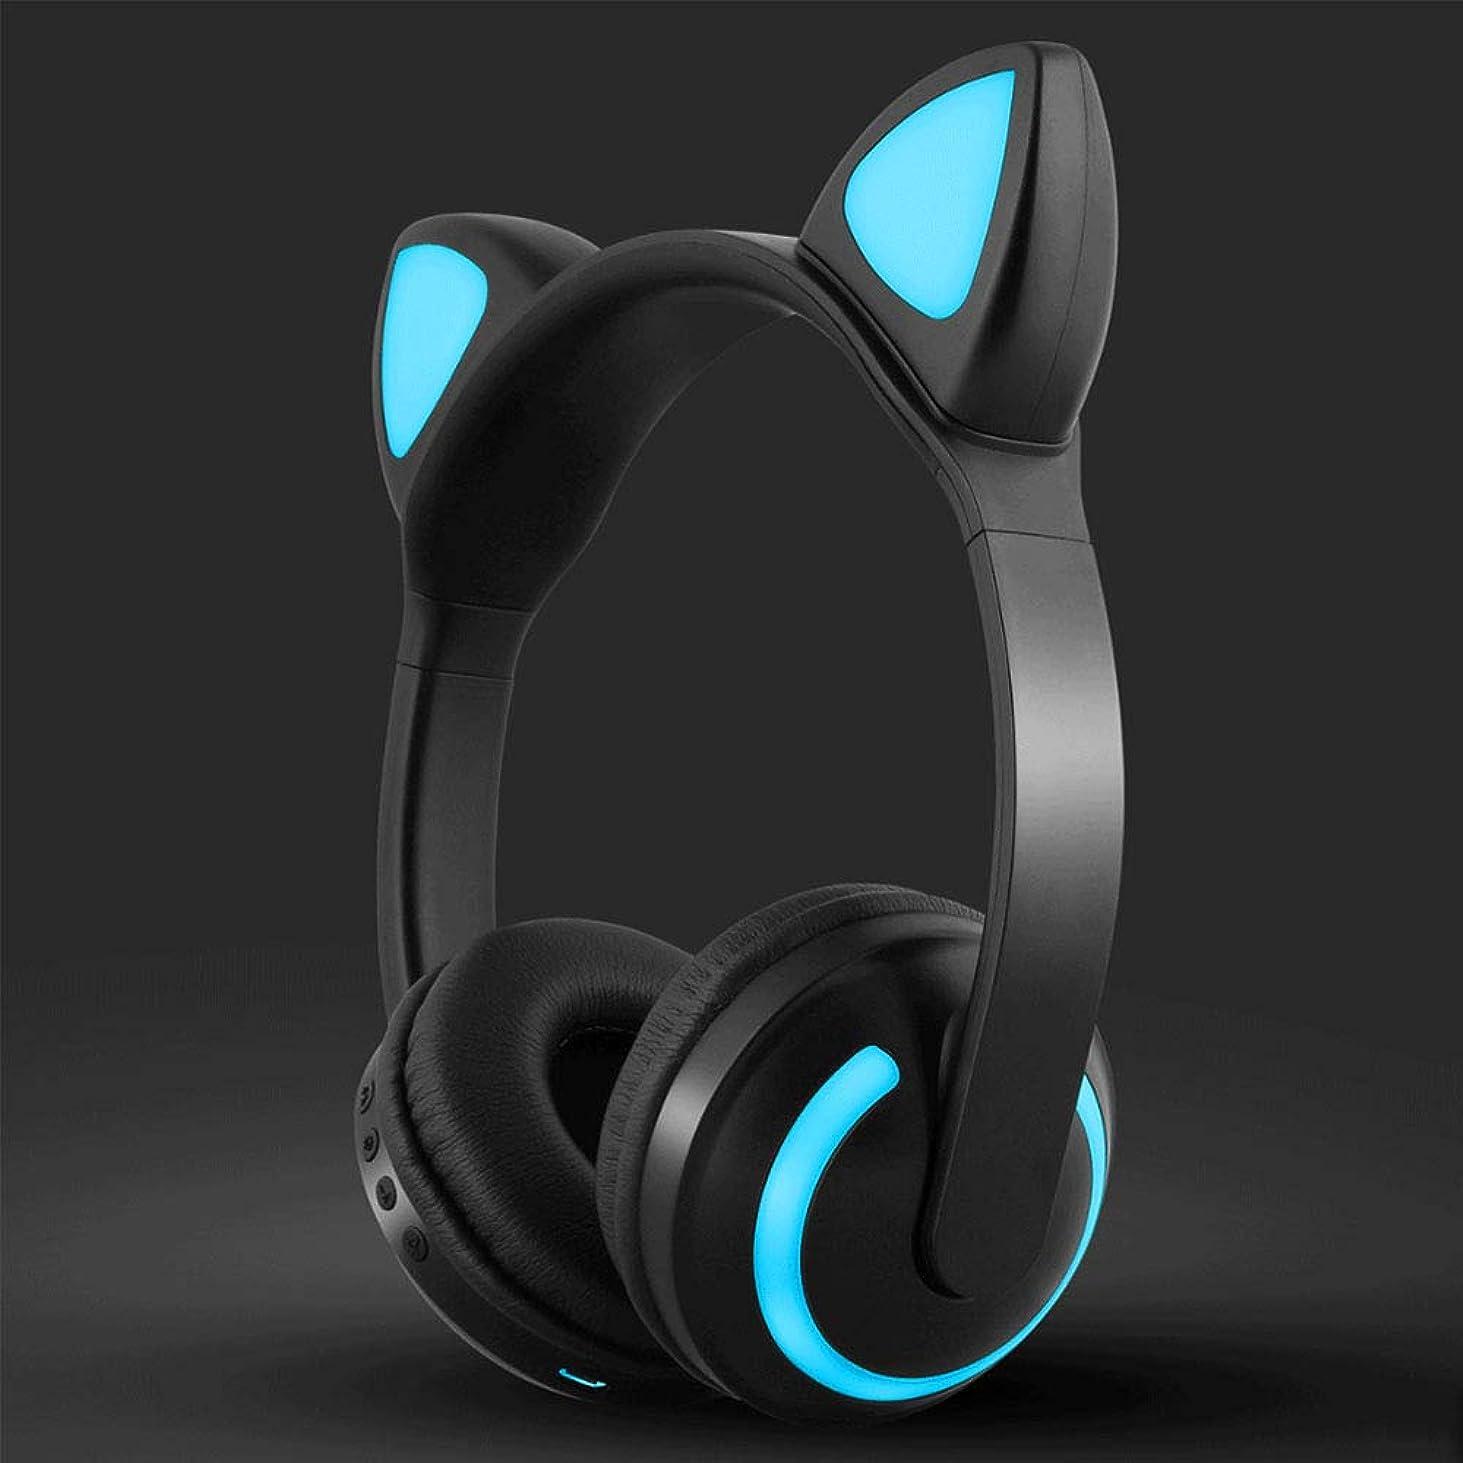 立方体海軍場合耳の上のワイヤレスヘッドフォン、7色のLEDライトアップ猫耳Bluetoothヘッドフォン、快適な革製イヤーマフ、ラップトップ/PC/TV用マイク